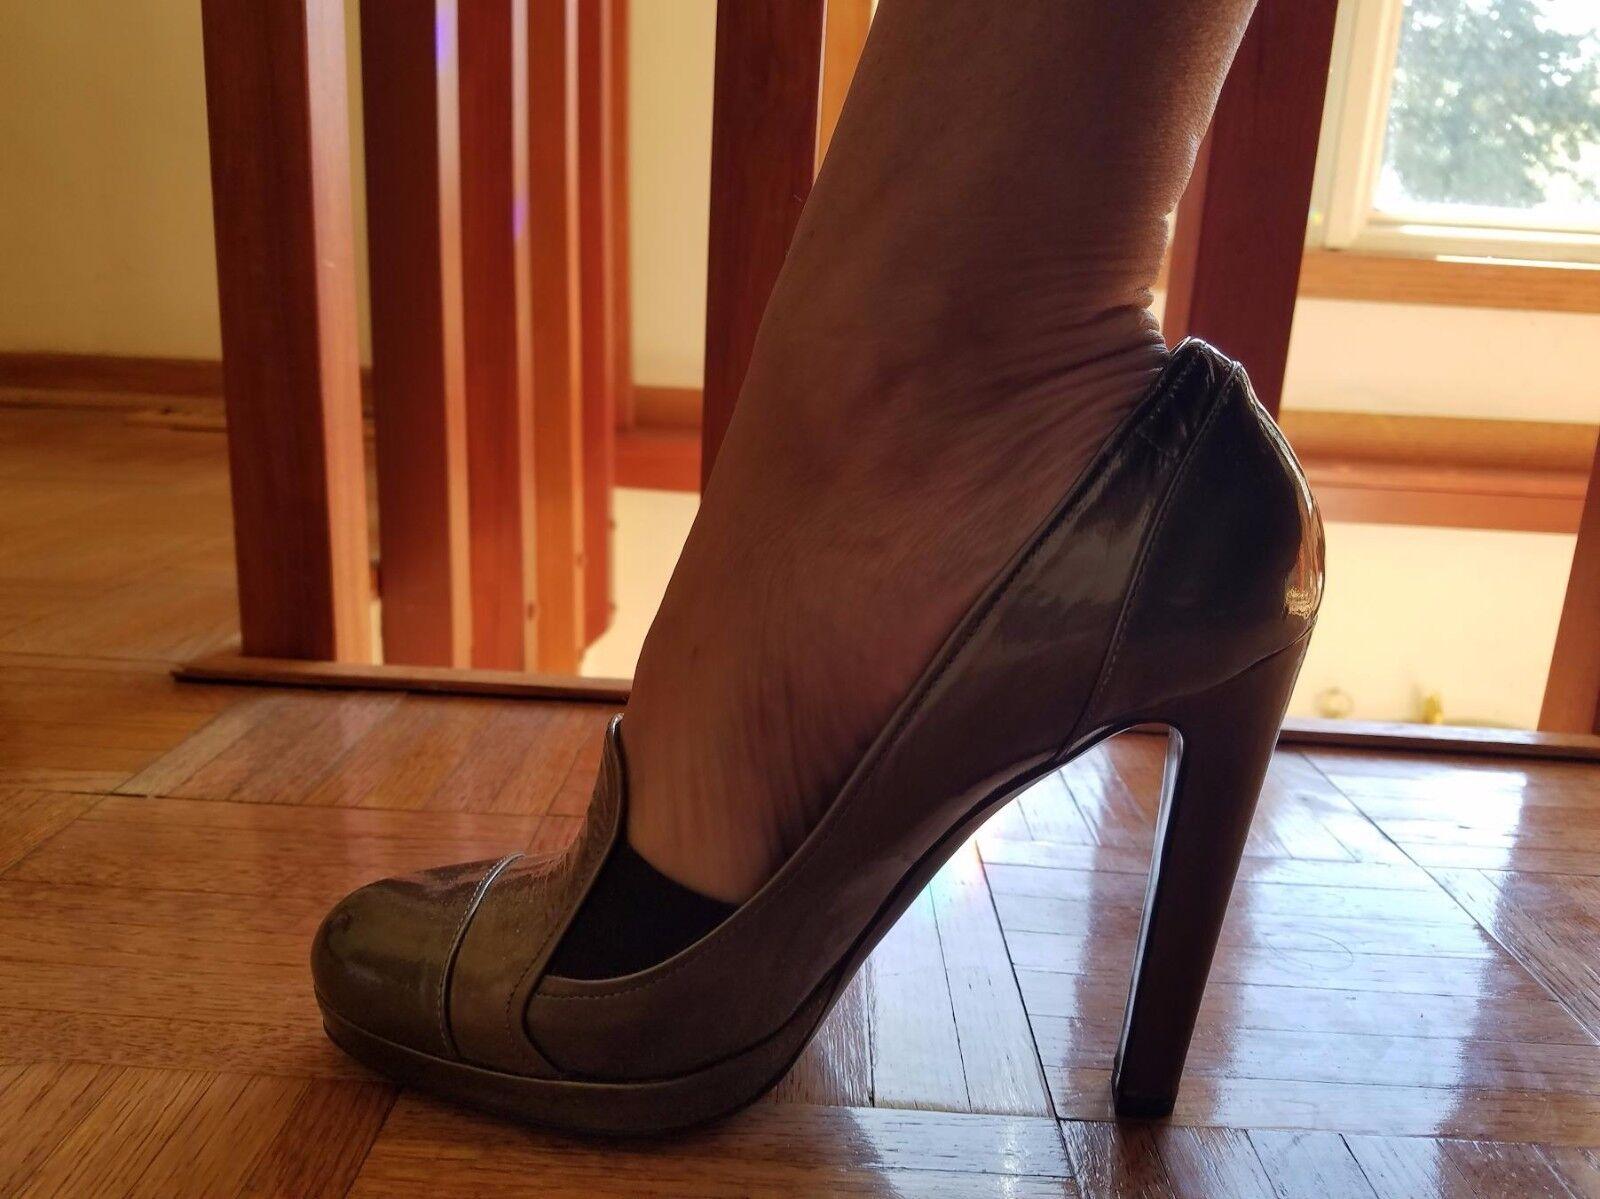 Sergio Rossi Italien storlek 40 -9 -klackar skor lackläder lackläder lackläder  grossistaffär